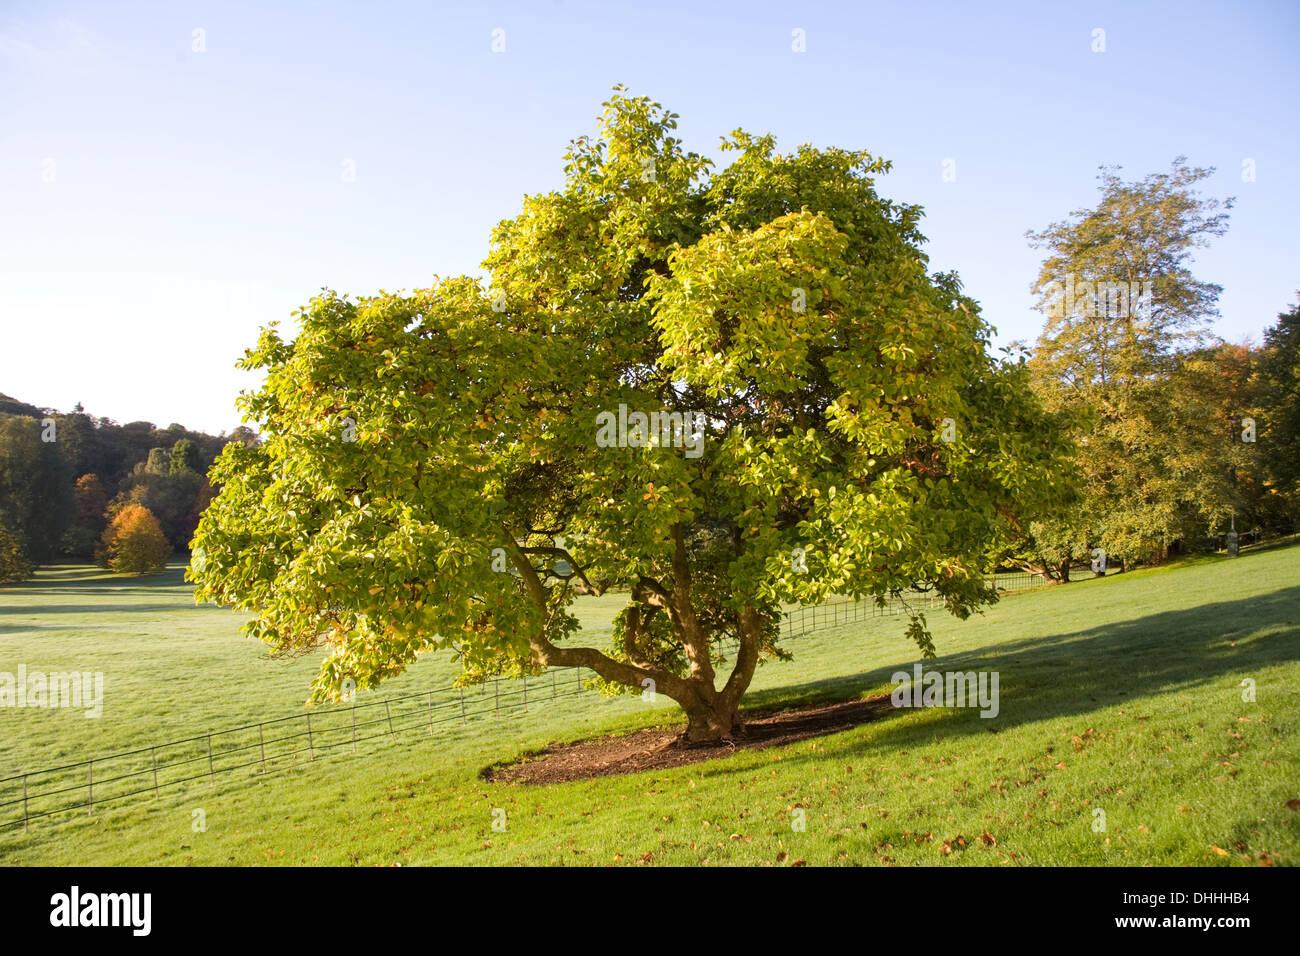 Autumn trees landscape scene on Hampstead Heath - Stock Image